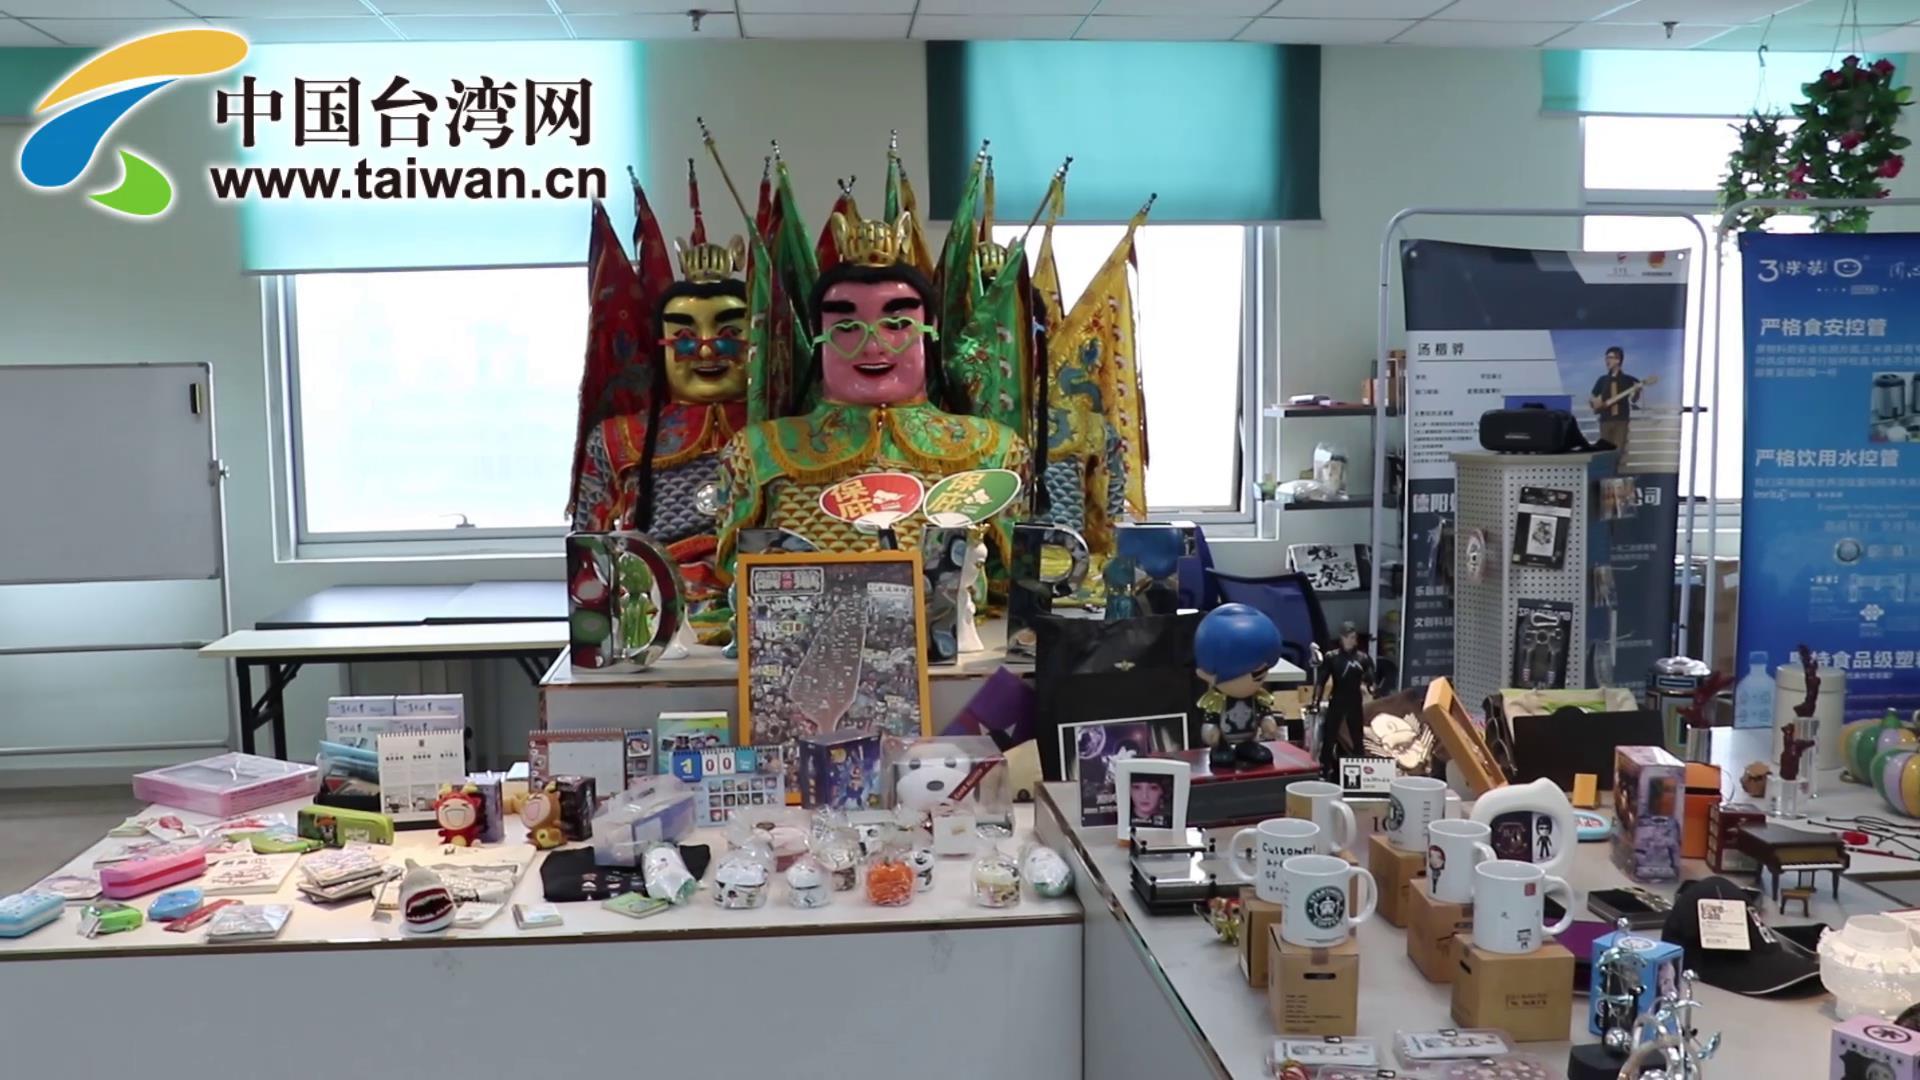 【融融觀蜀】許淵順:臺灣同胞應該把握住創業的最好時機圖片